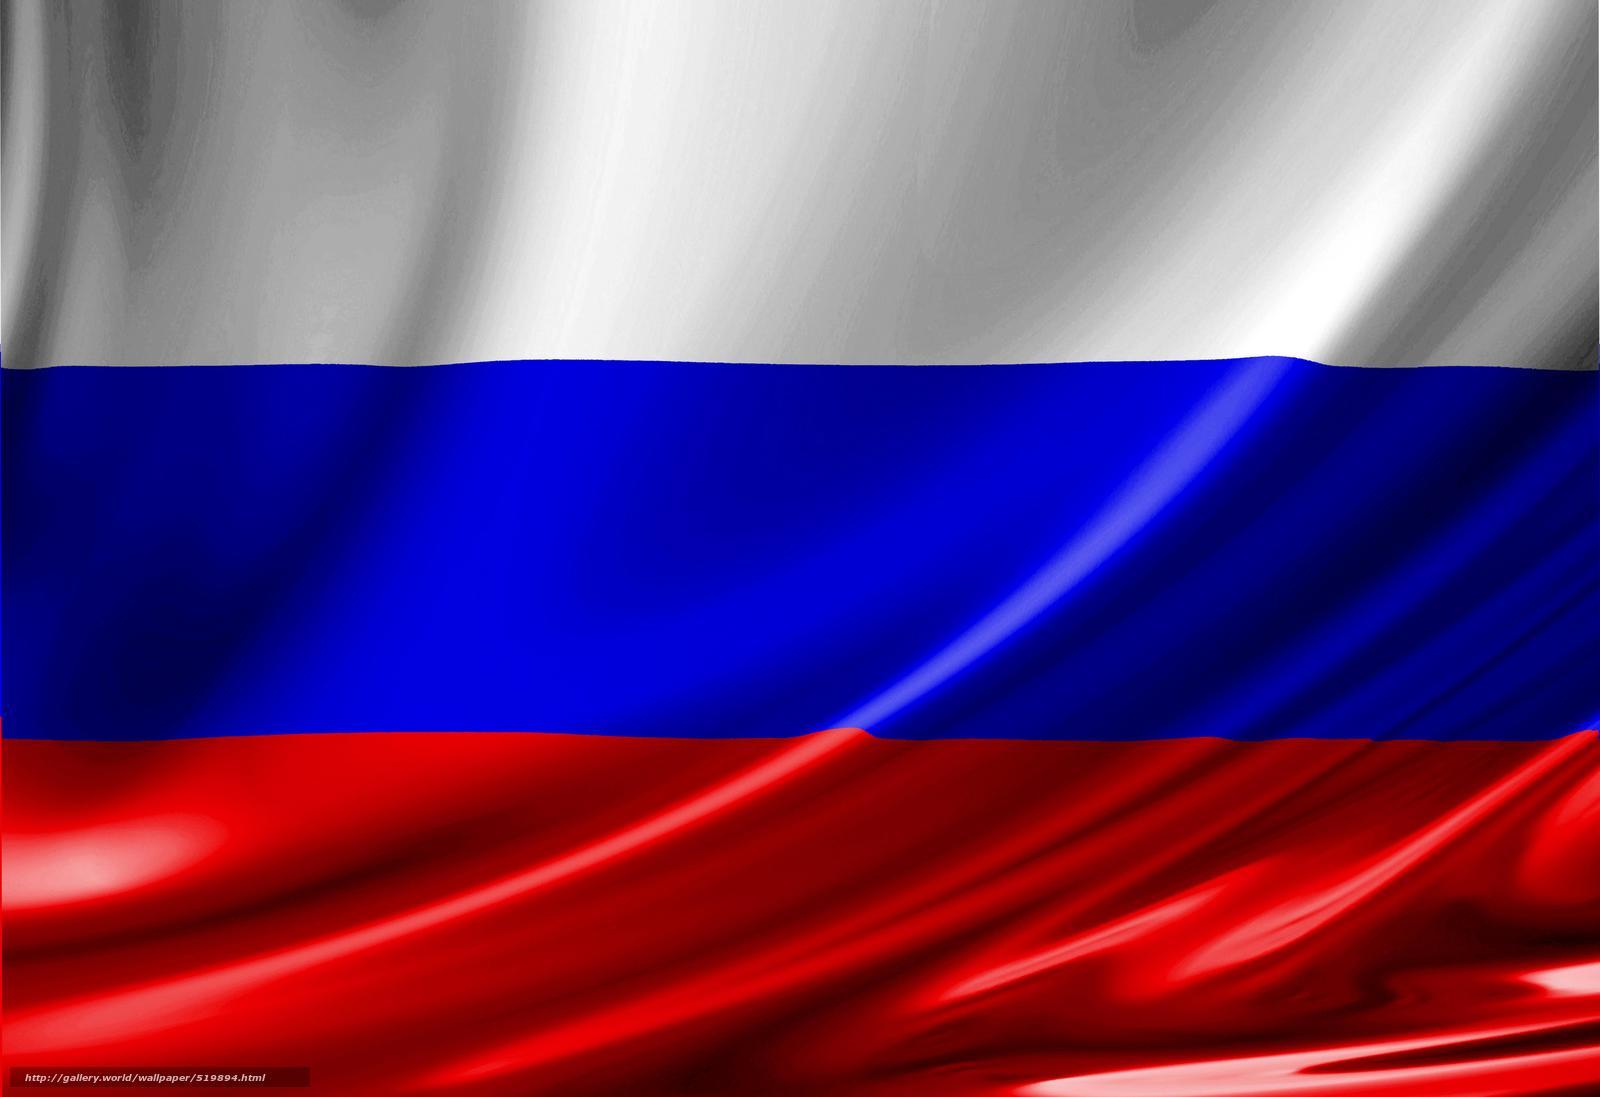 519894_rossiya_flag_trikolor_7000x4800_www.Gde-Fon.com.jpg